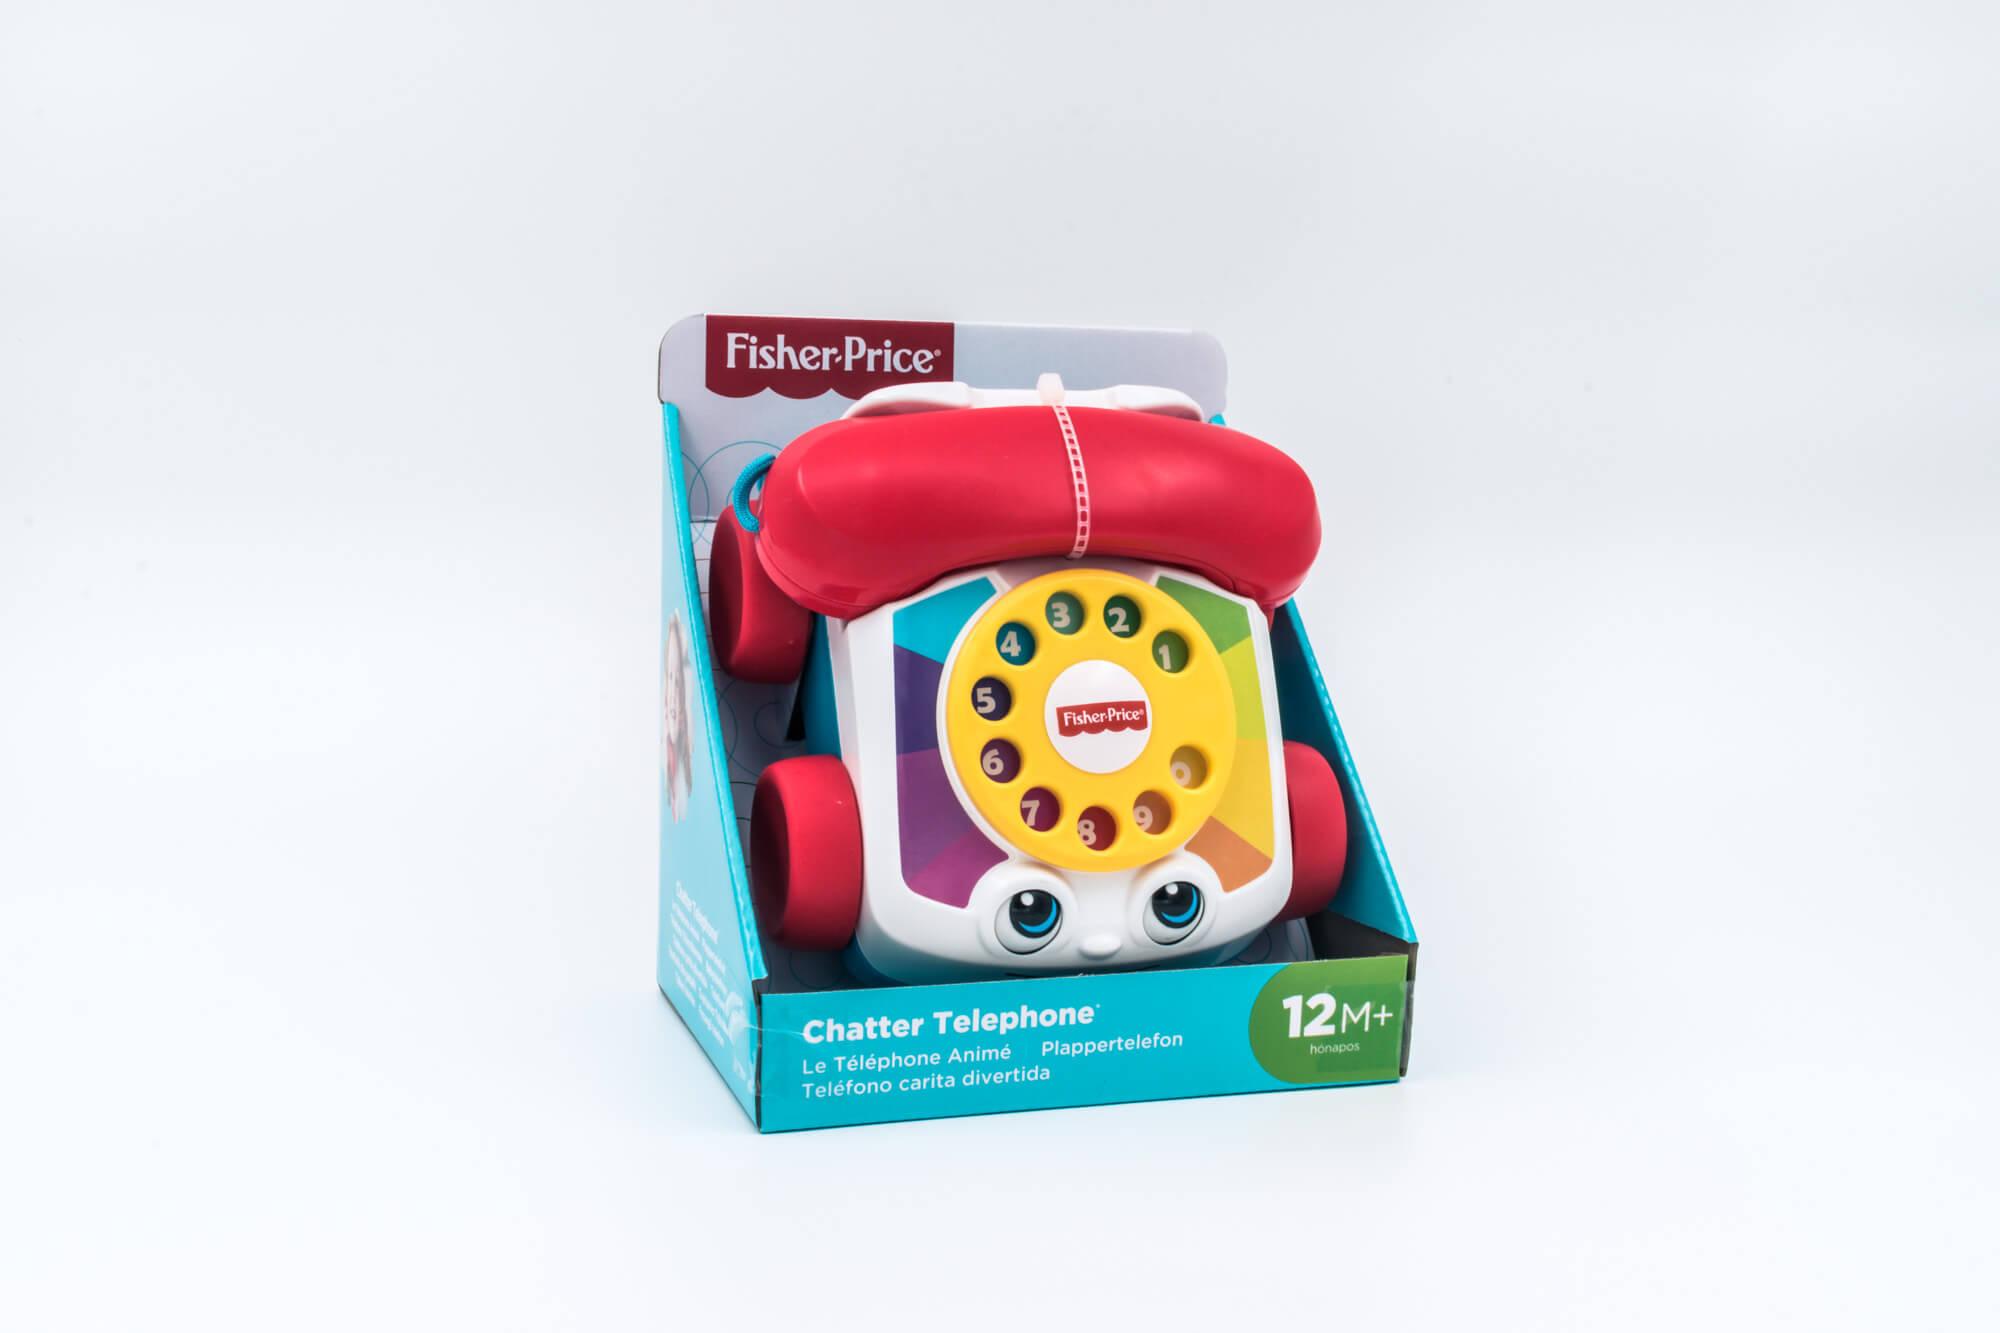 Fisher Price igračka plastični telefon sa zvukovima